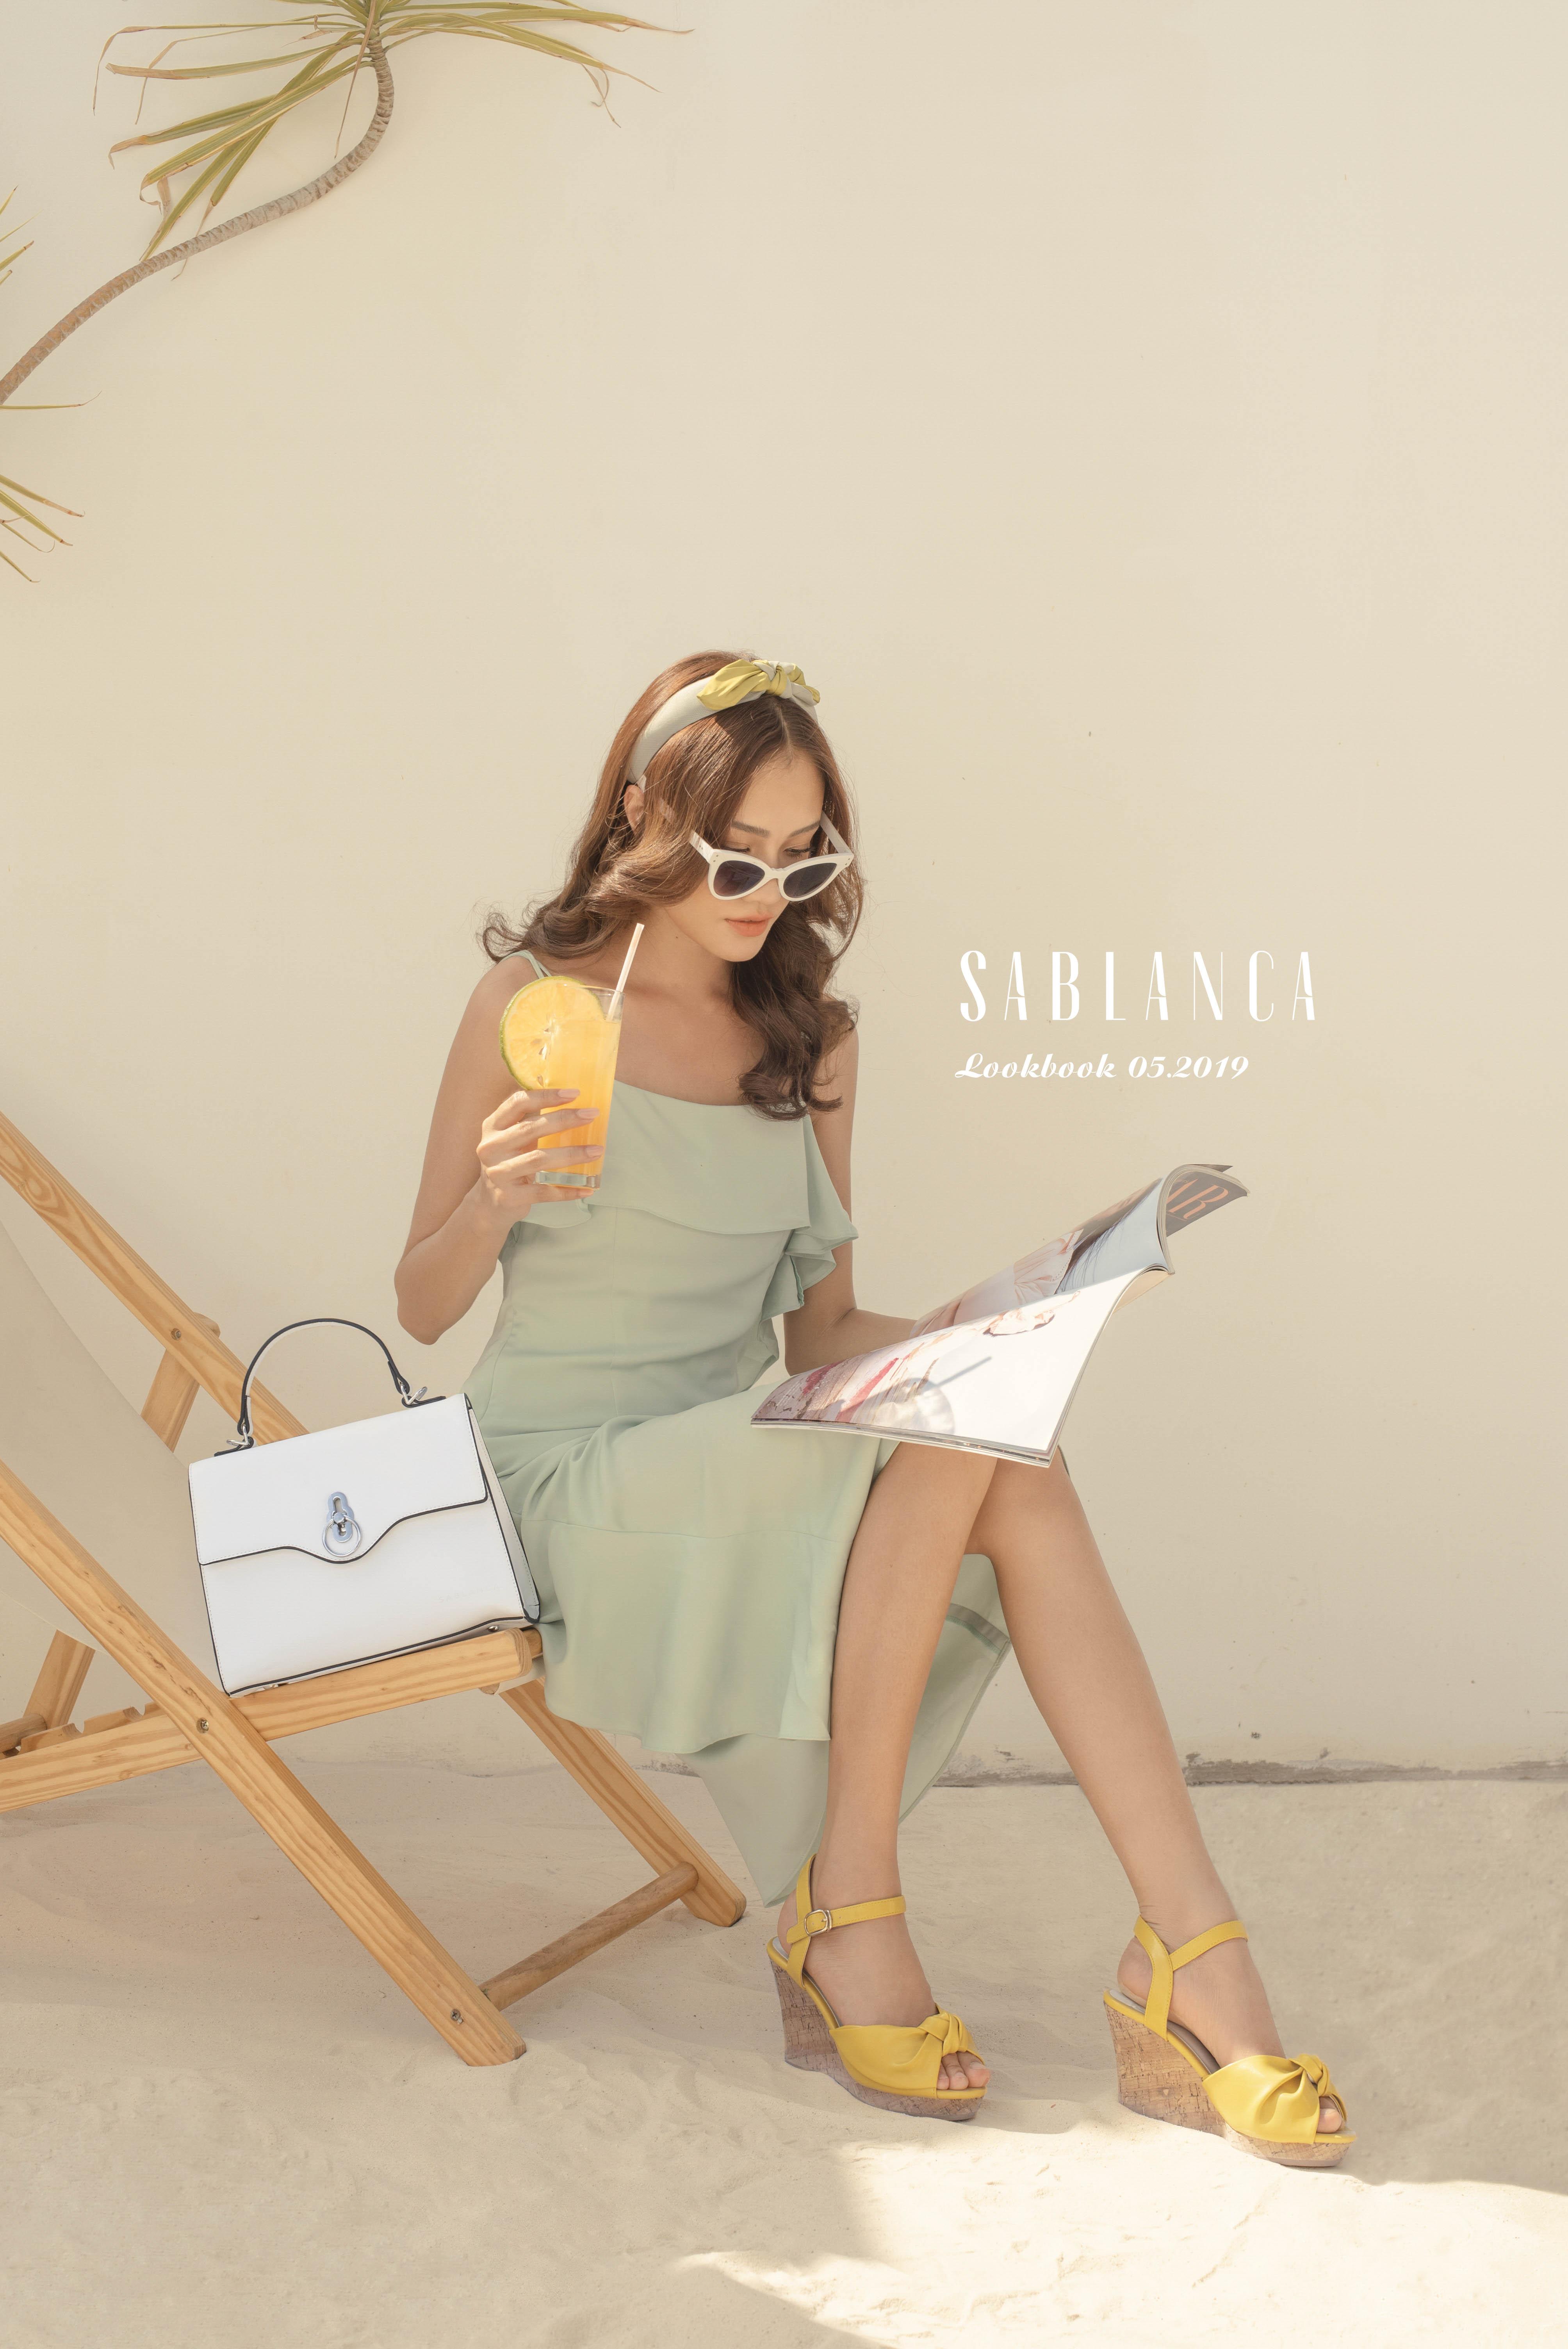 sablanca-new-arrival-may-&-may